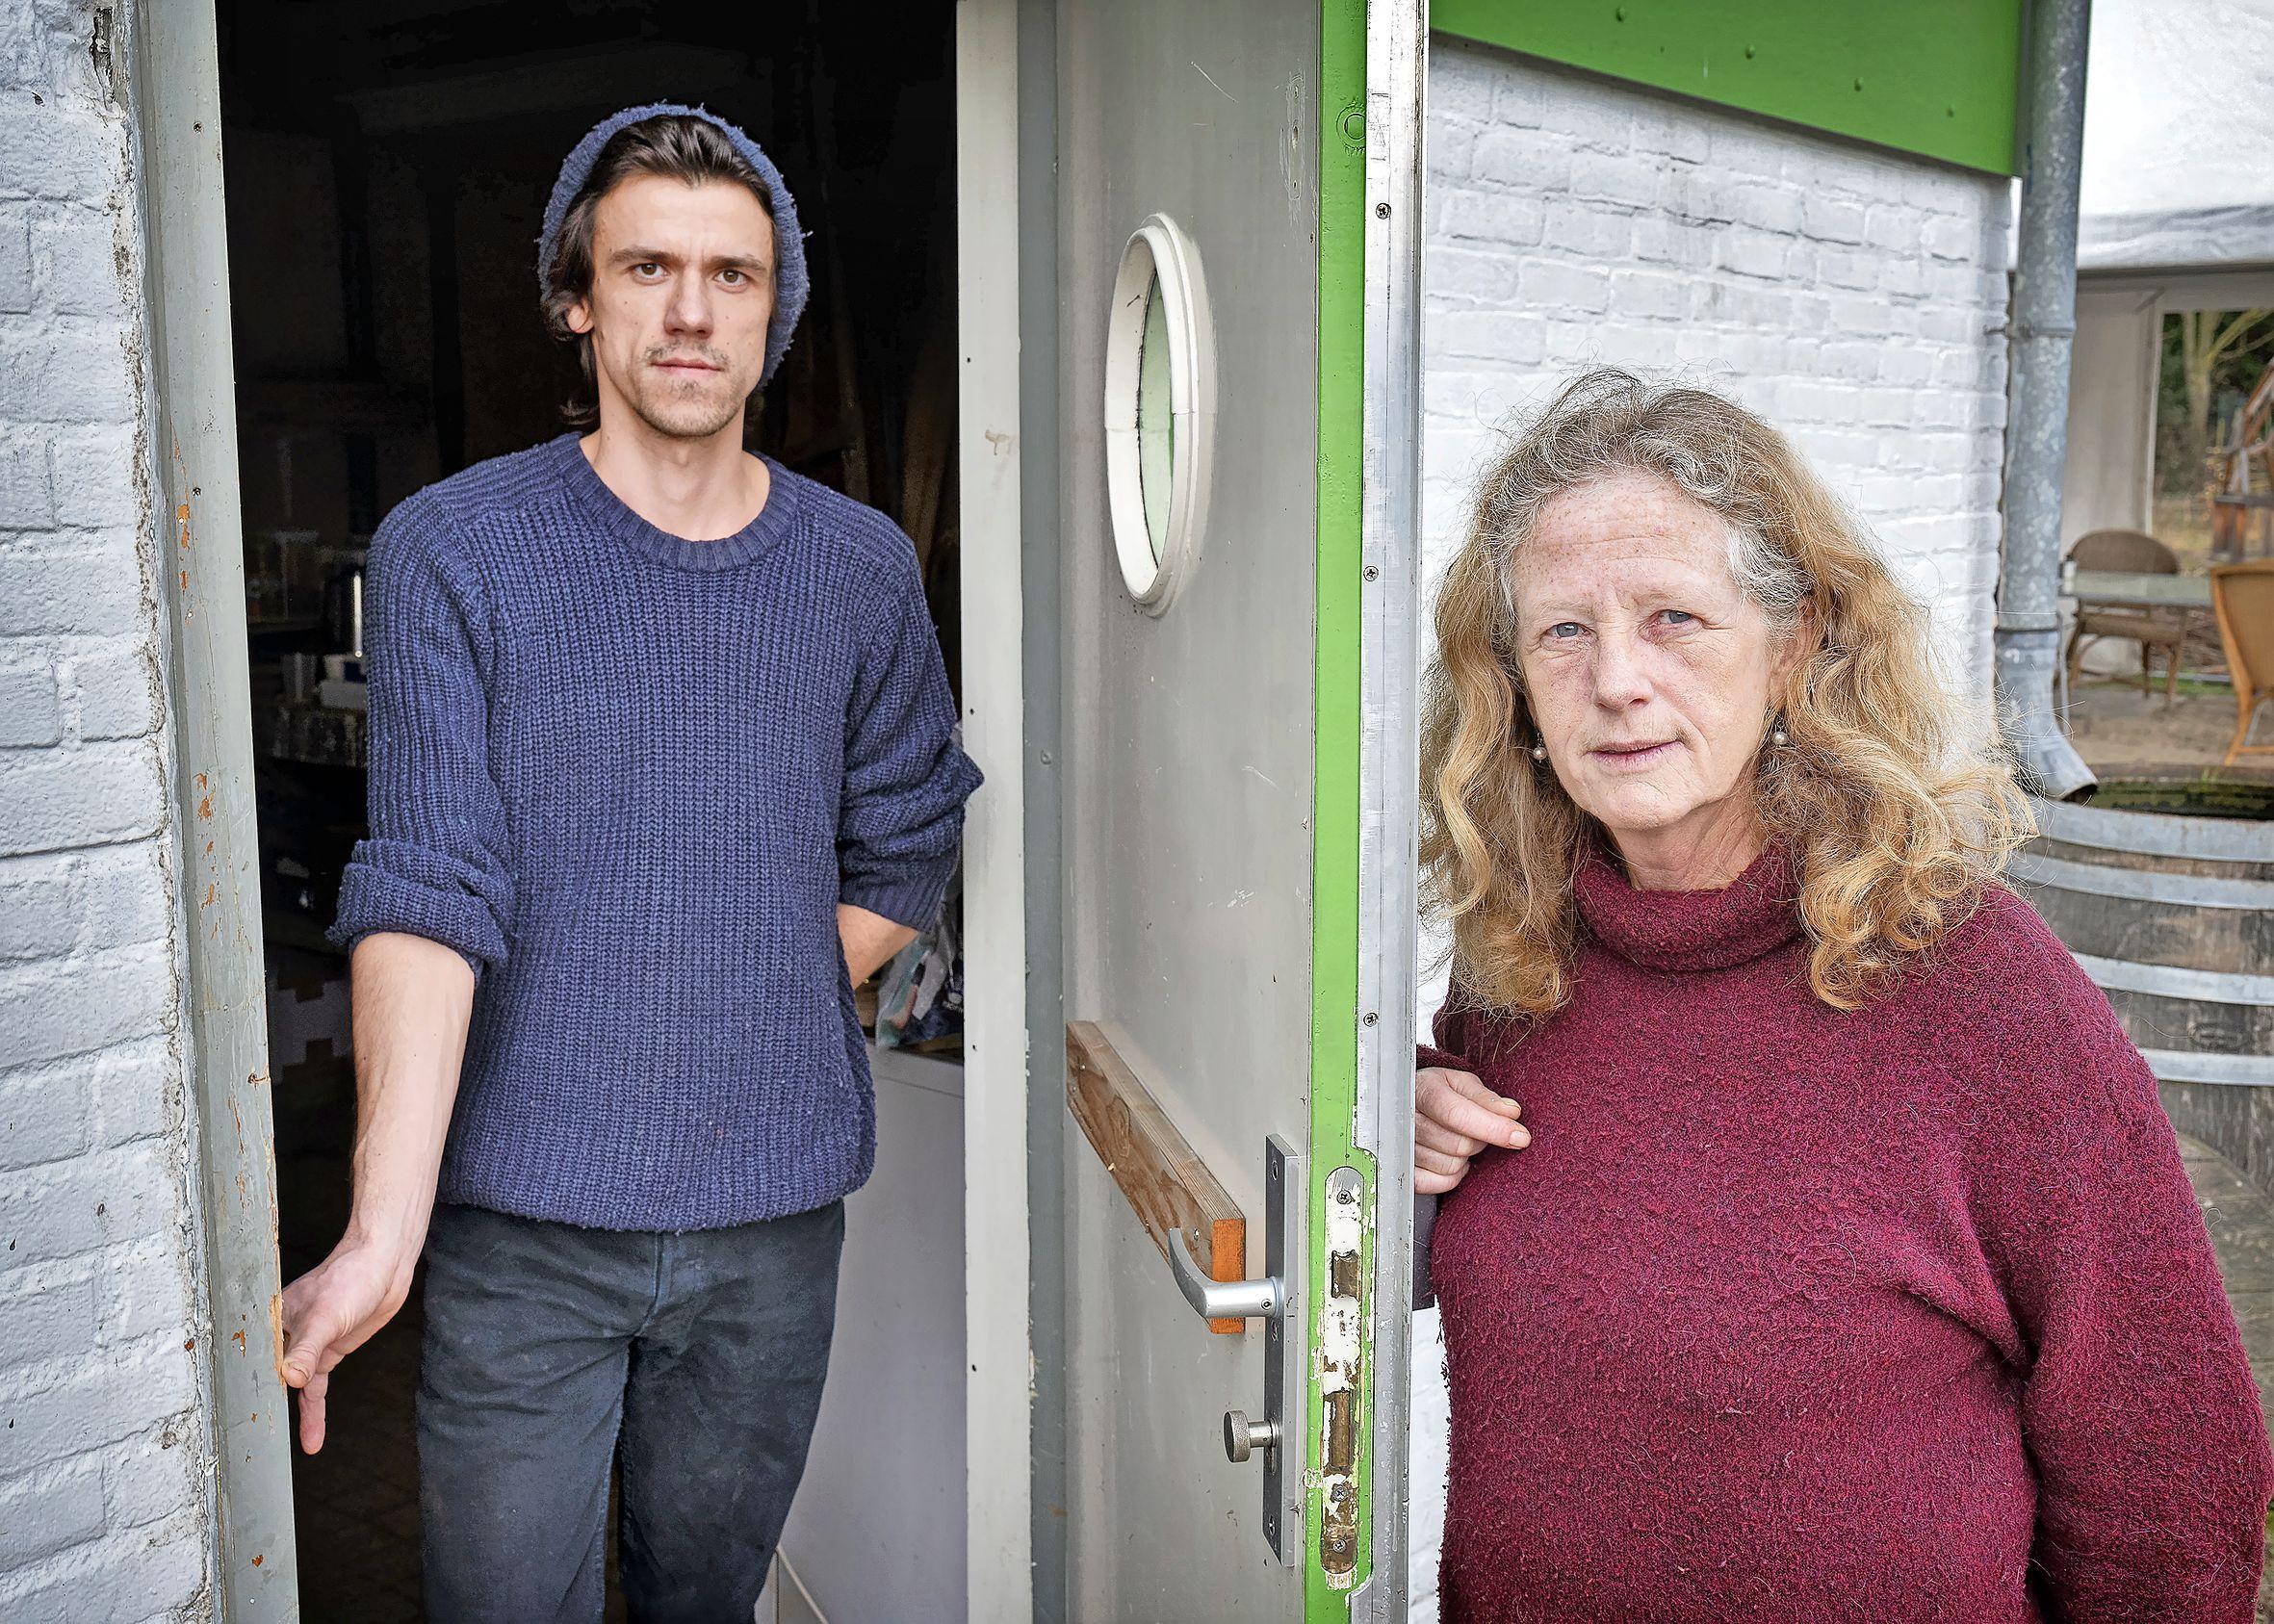 Sociale moestuinen langs het Spaarne in Haarlem beroofd van hun tuingereedschap. 'Die klojo's komen hier de boel leeghalen'